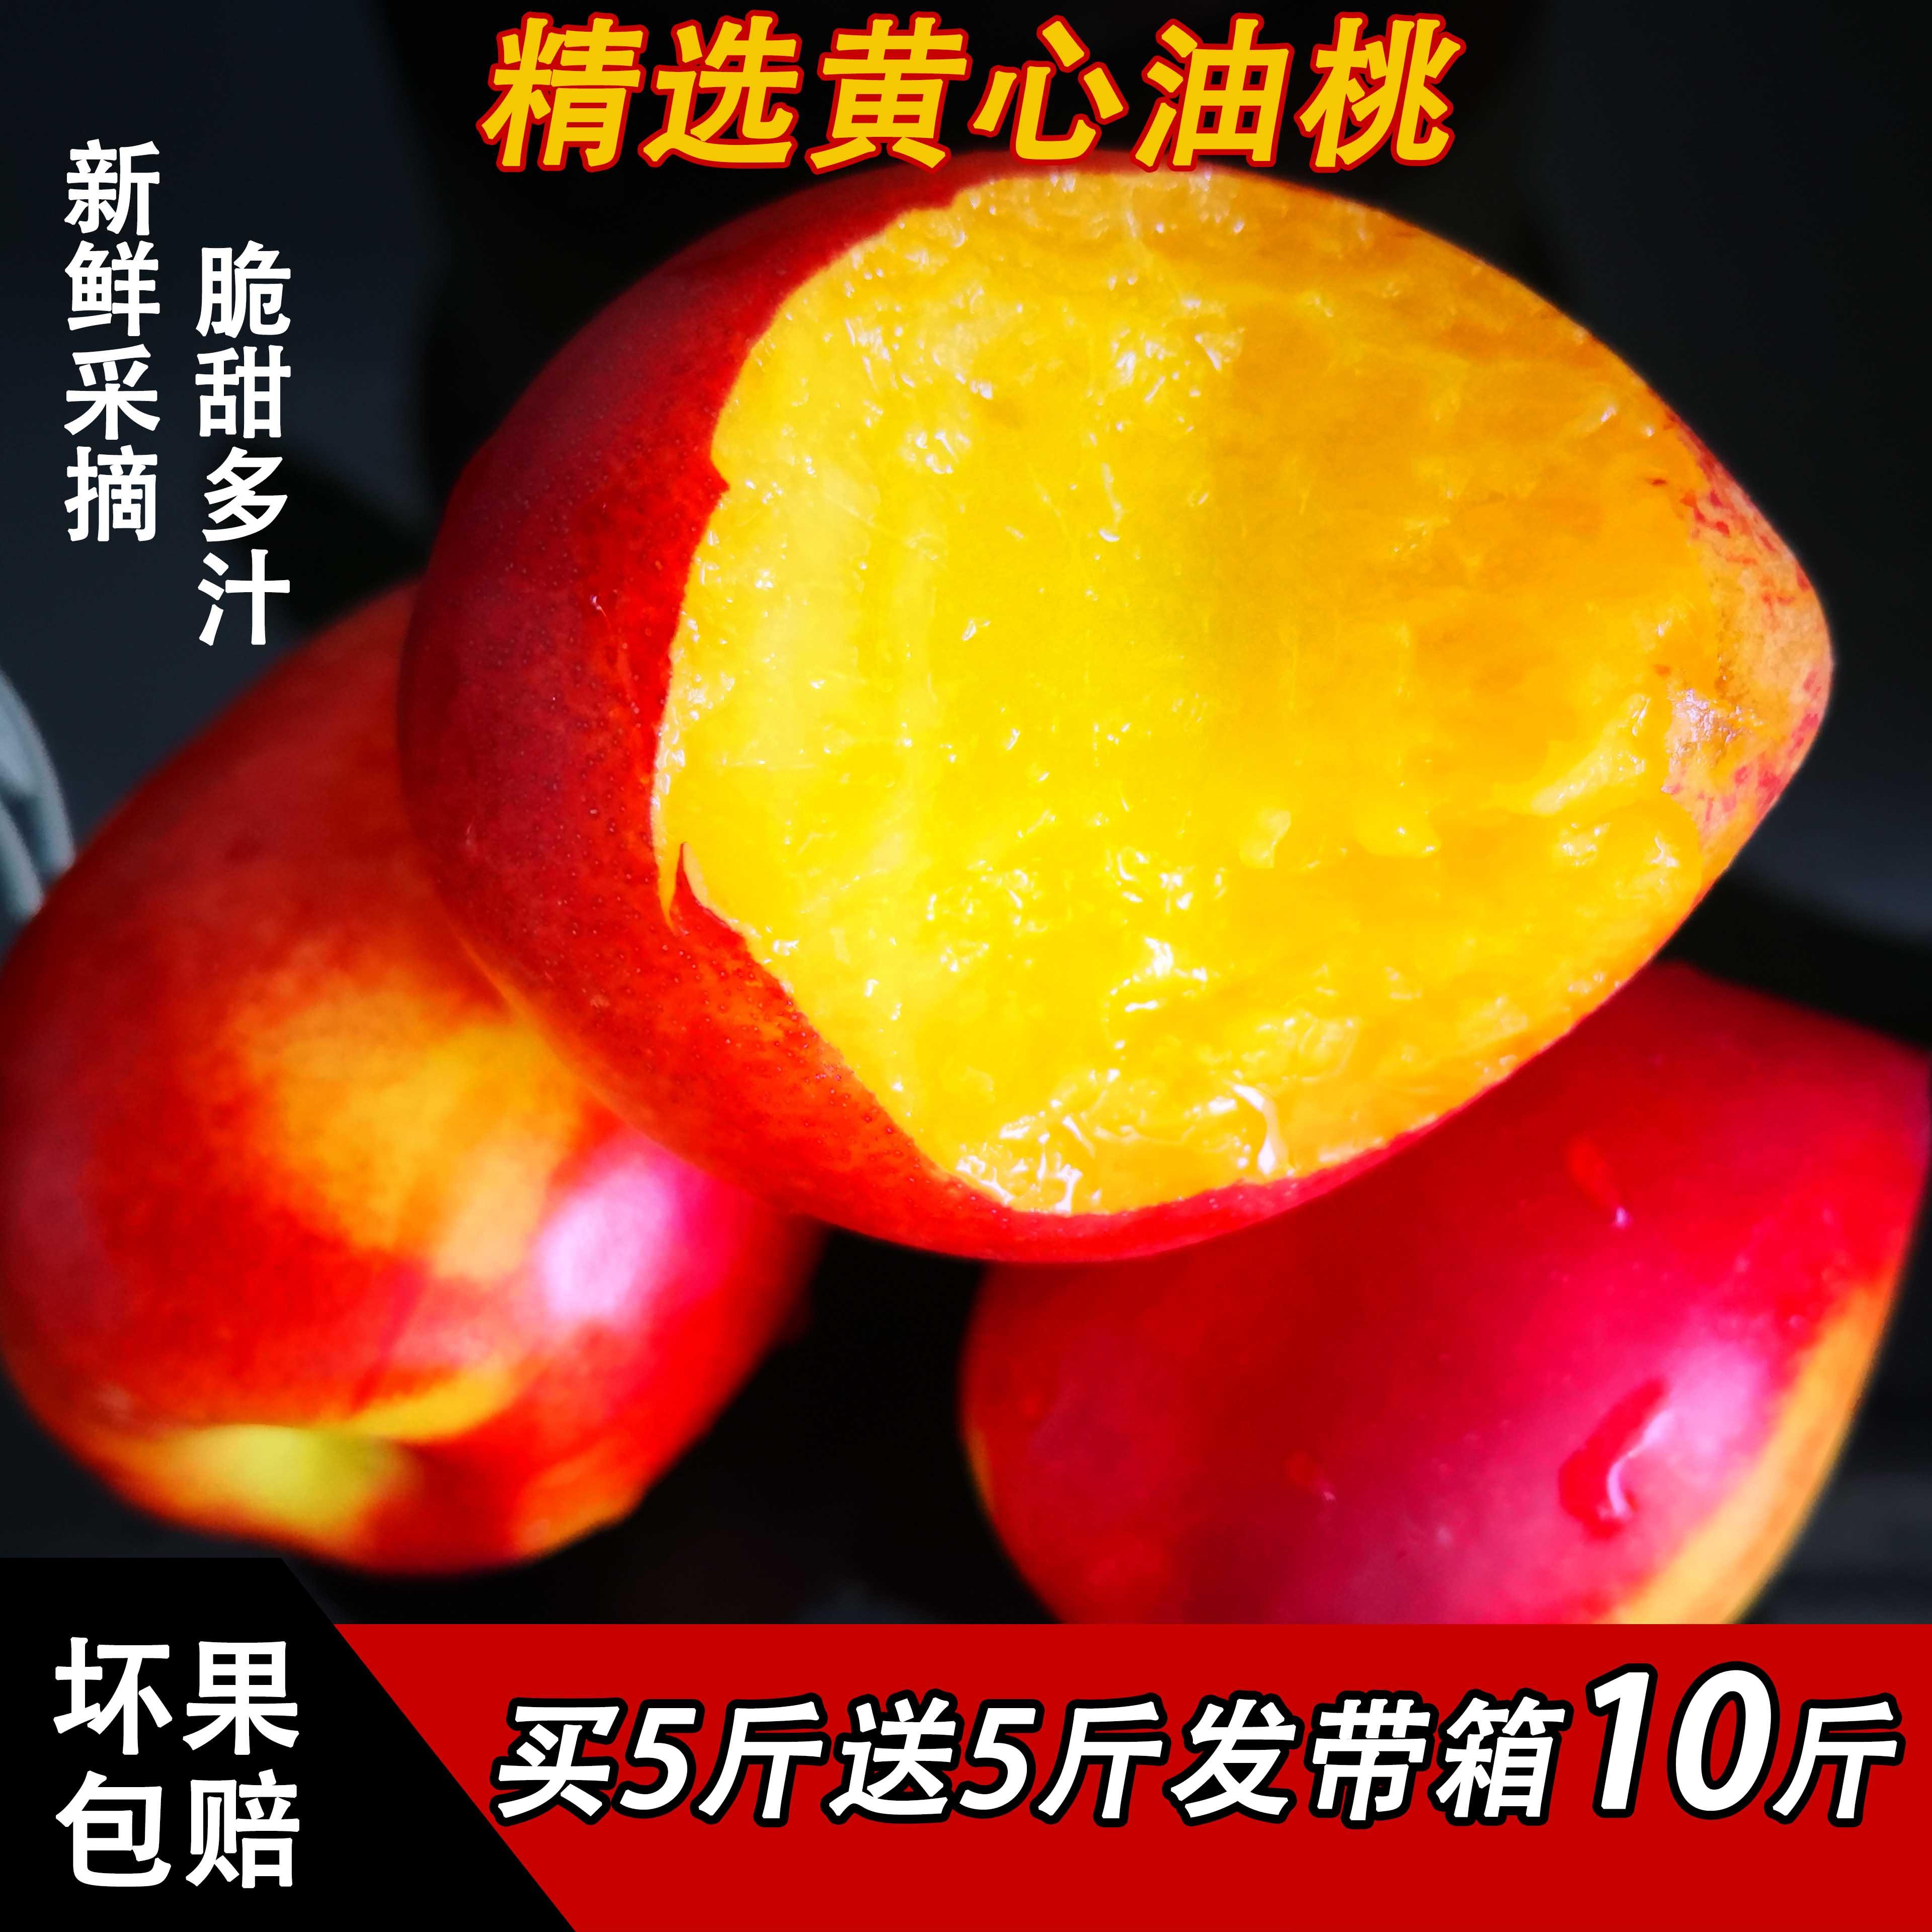 宋妮果 山西黄心油桃 10斤带箱